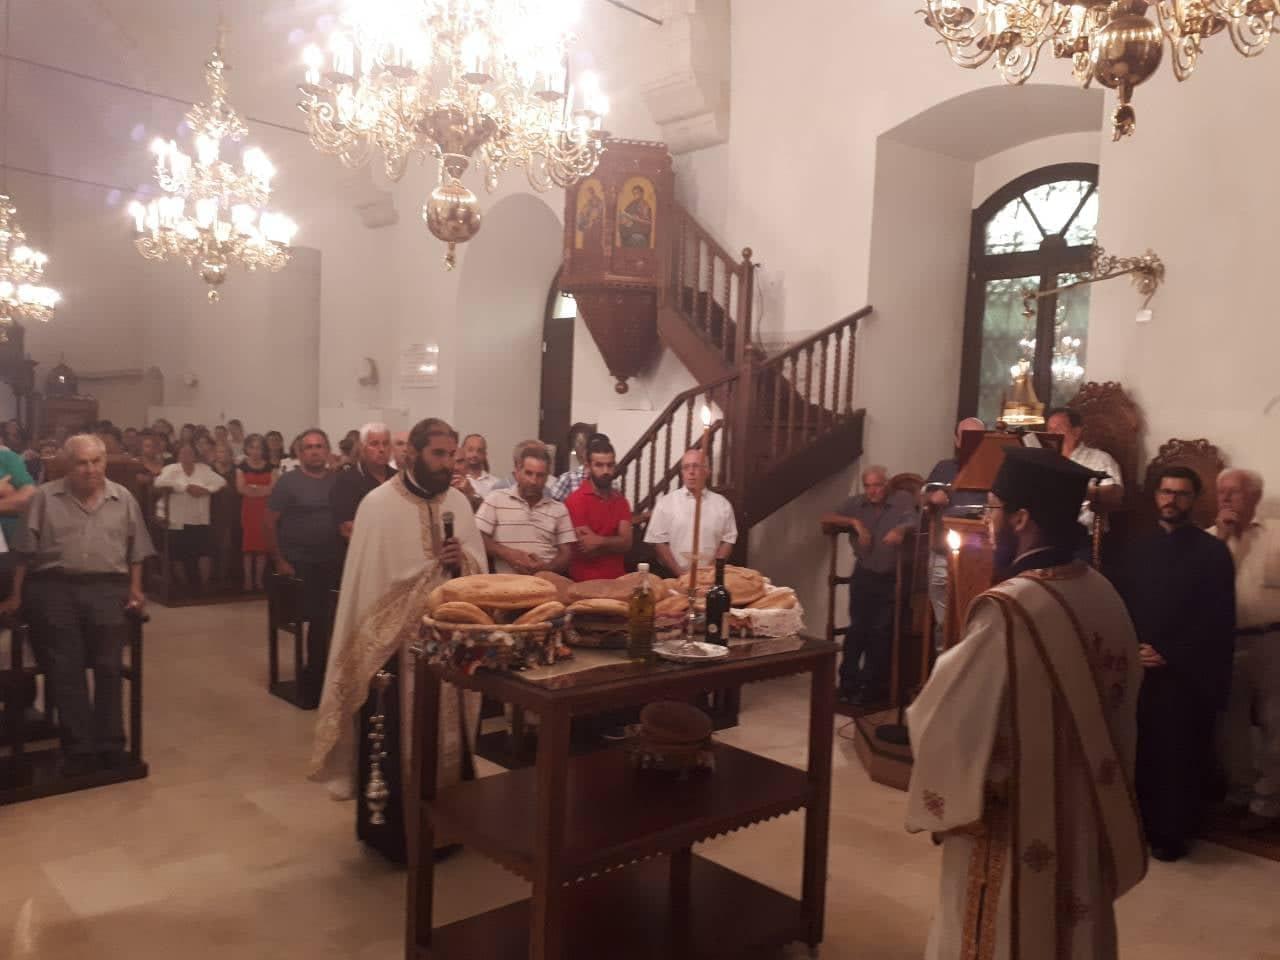 Εορτή Αγίας Μεγαλομάρτυρος Μαρίνης στη Μητρόπολη Λεμεσού